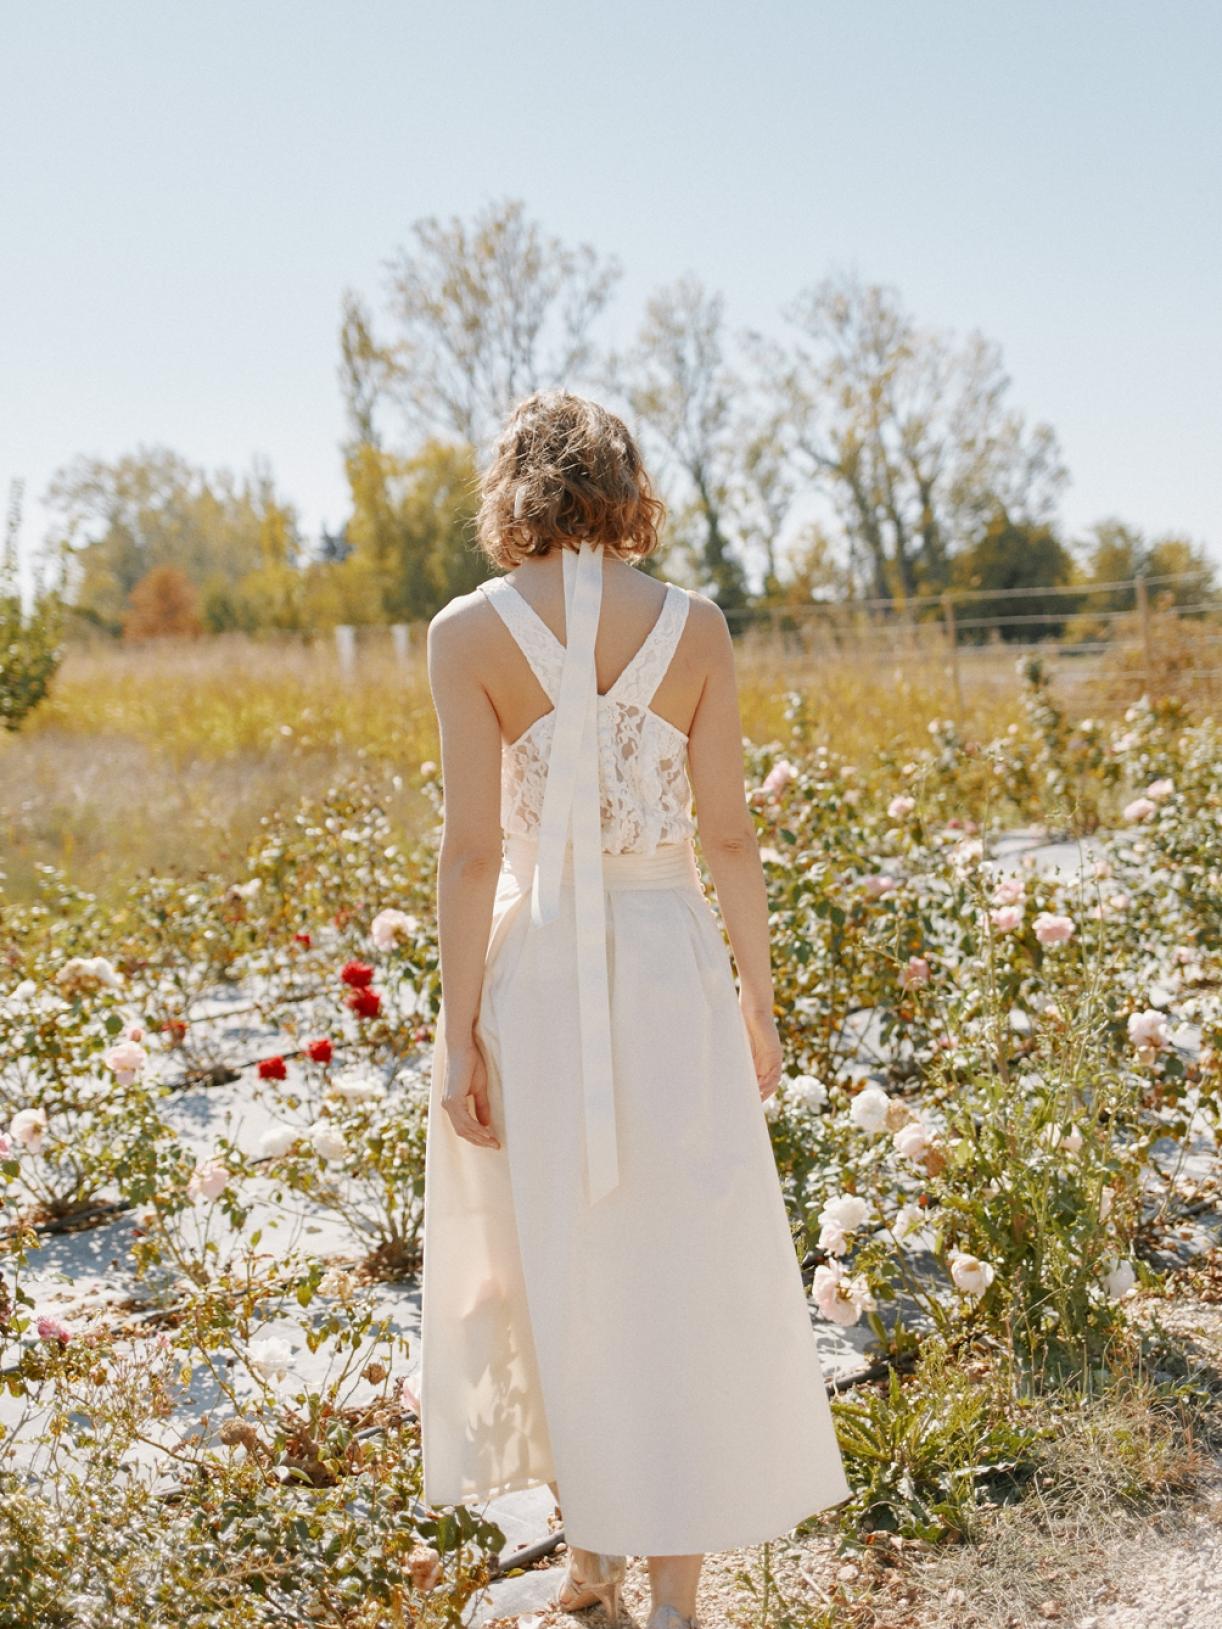 Robe de mariée romantique et bio à Paris - Myphilosophy